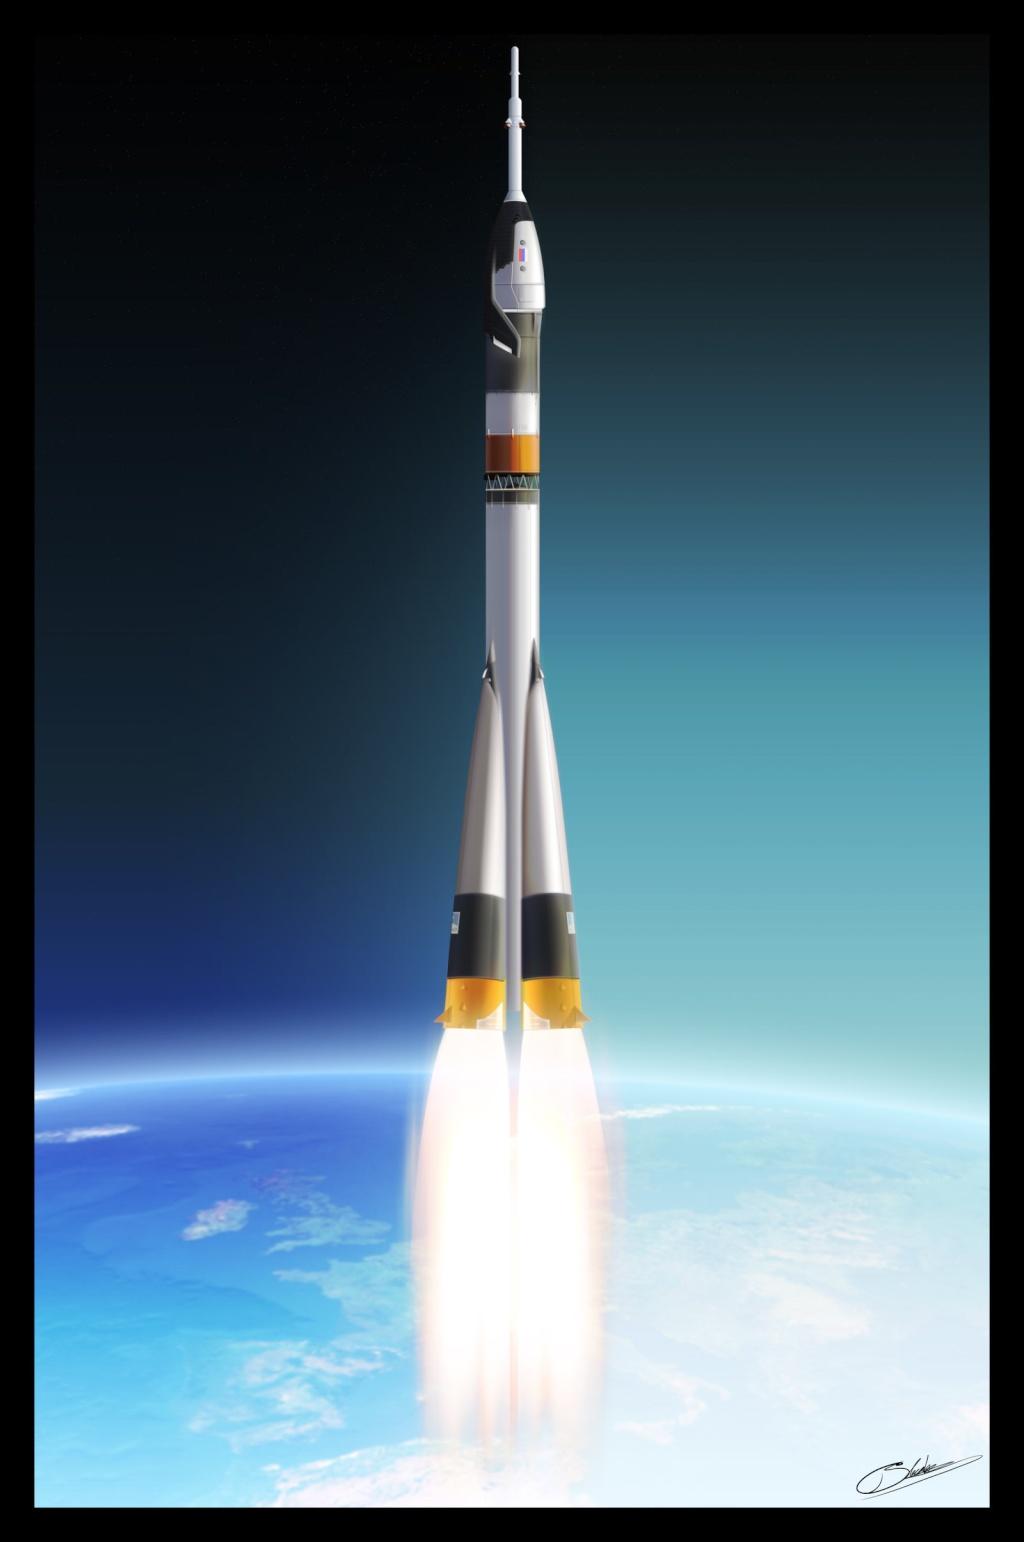 Kliper: quand un concept inspire les artistes Soyuz_11